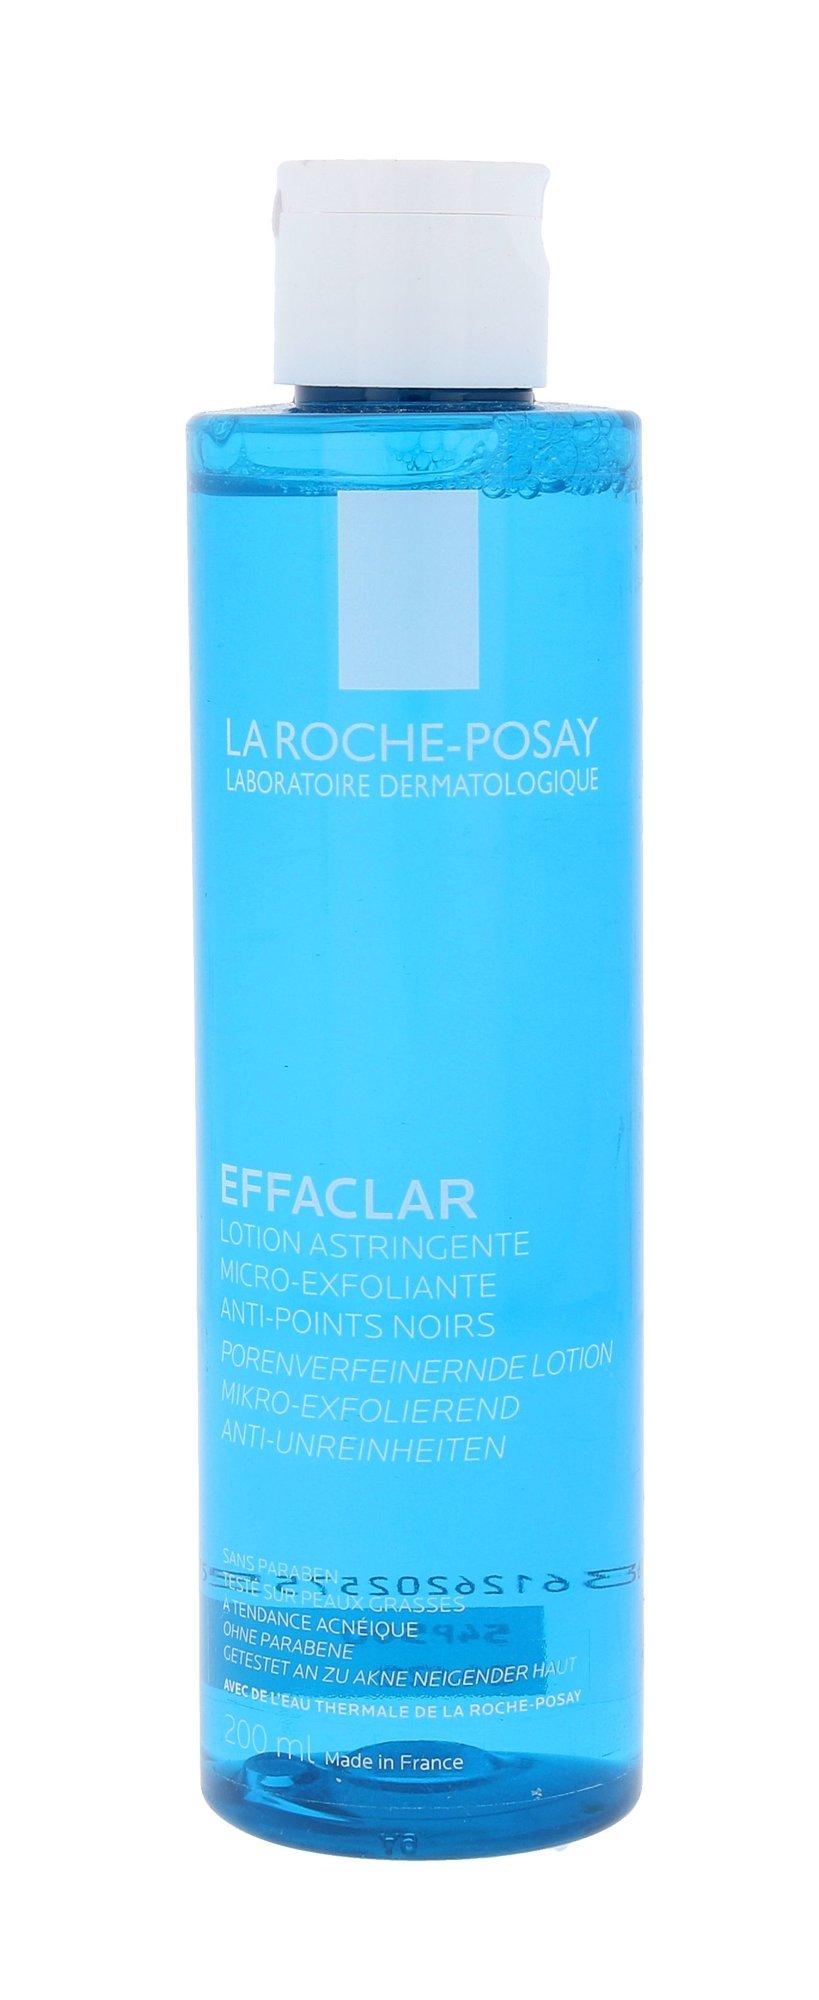 Kūno losjonas La Roche-Posay Effaclar